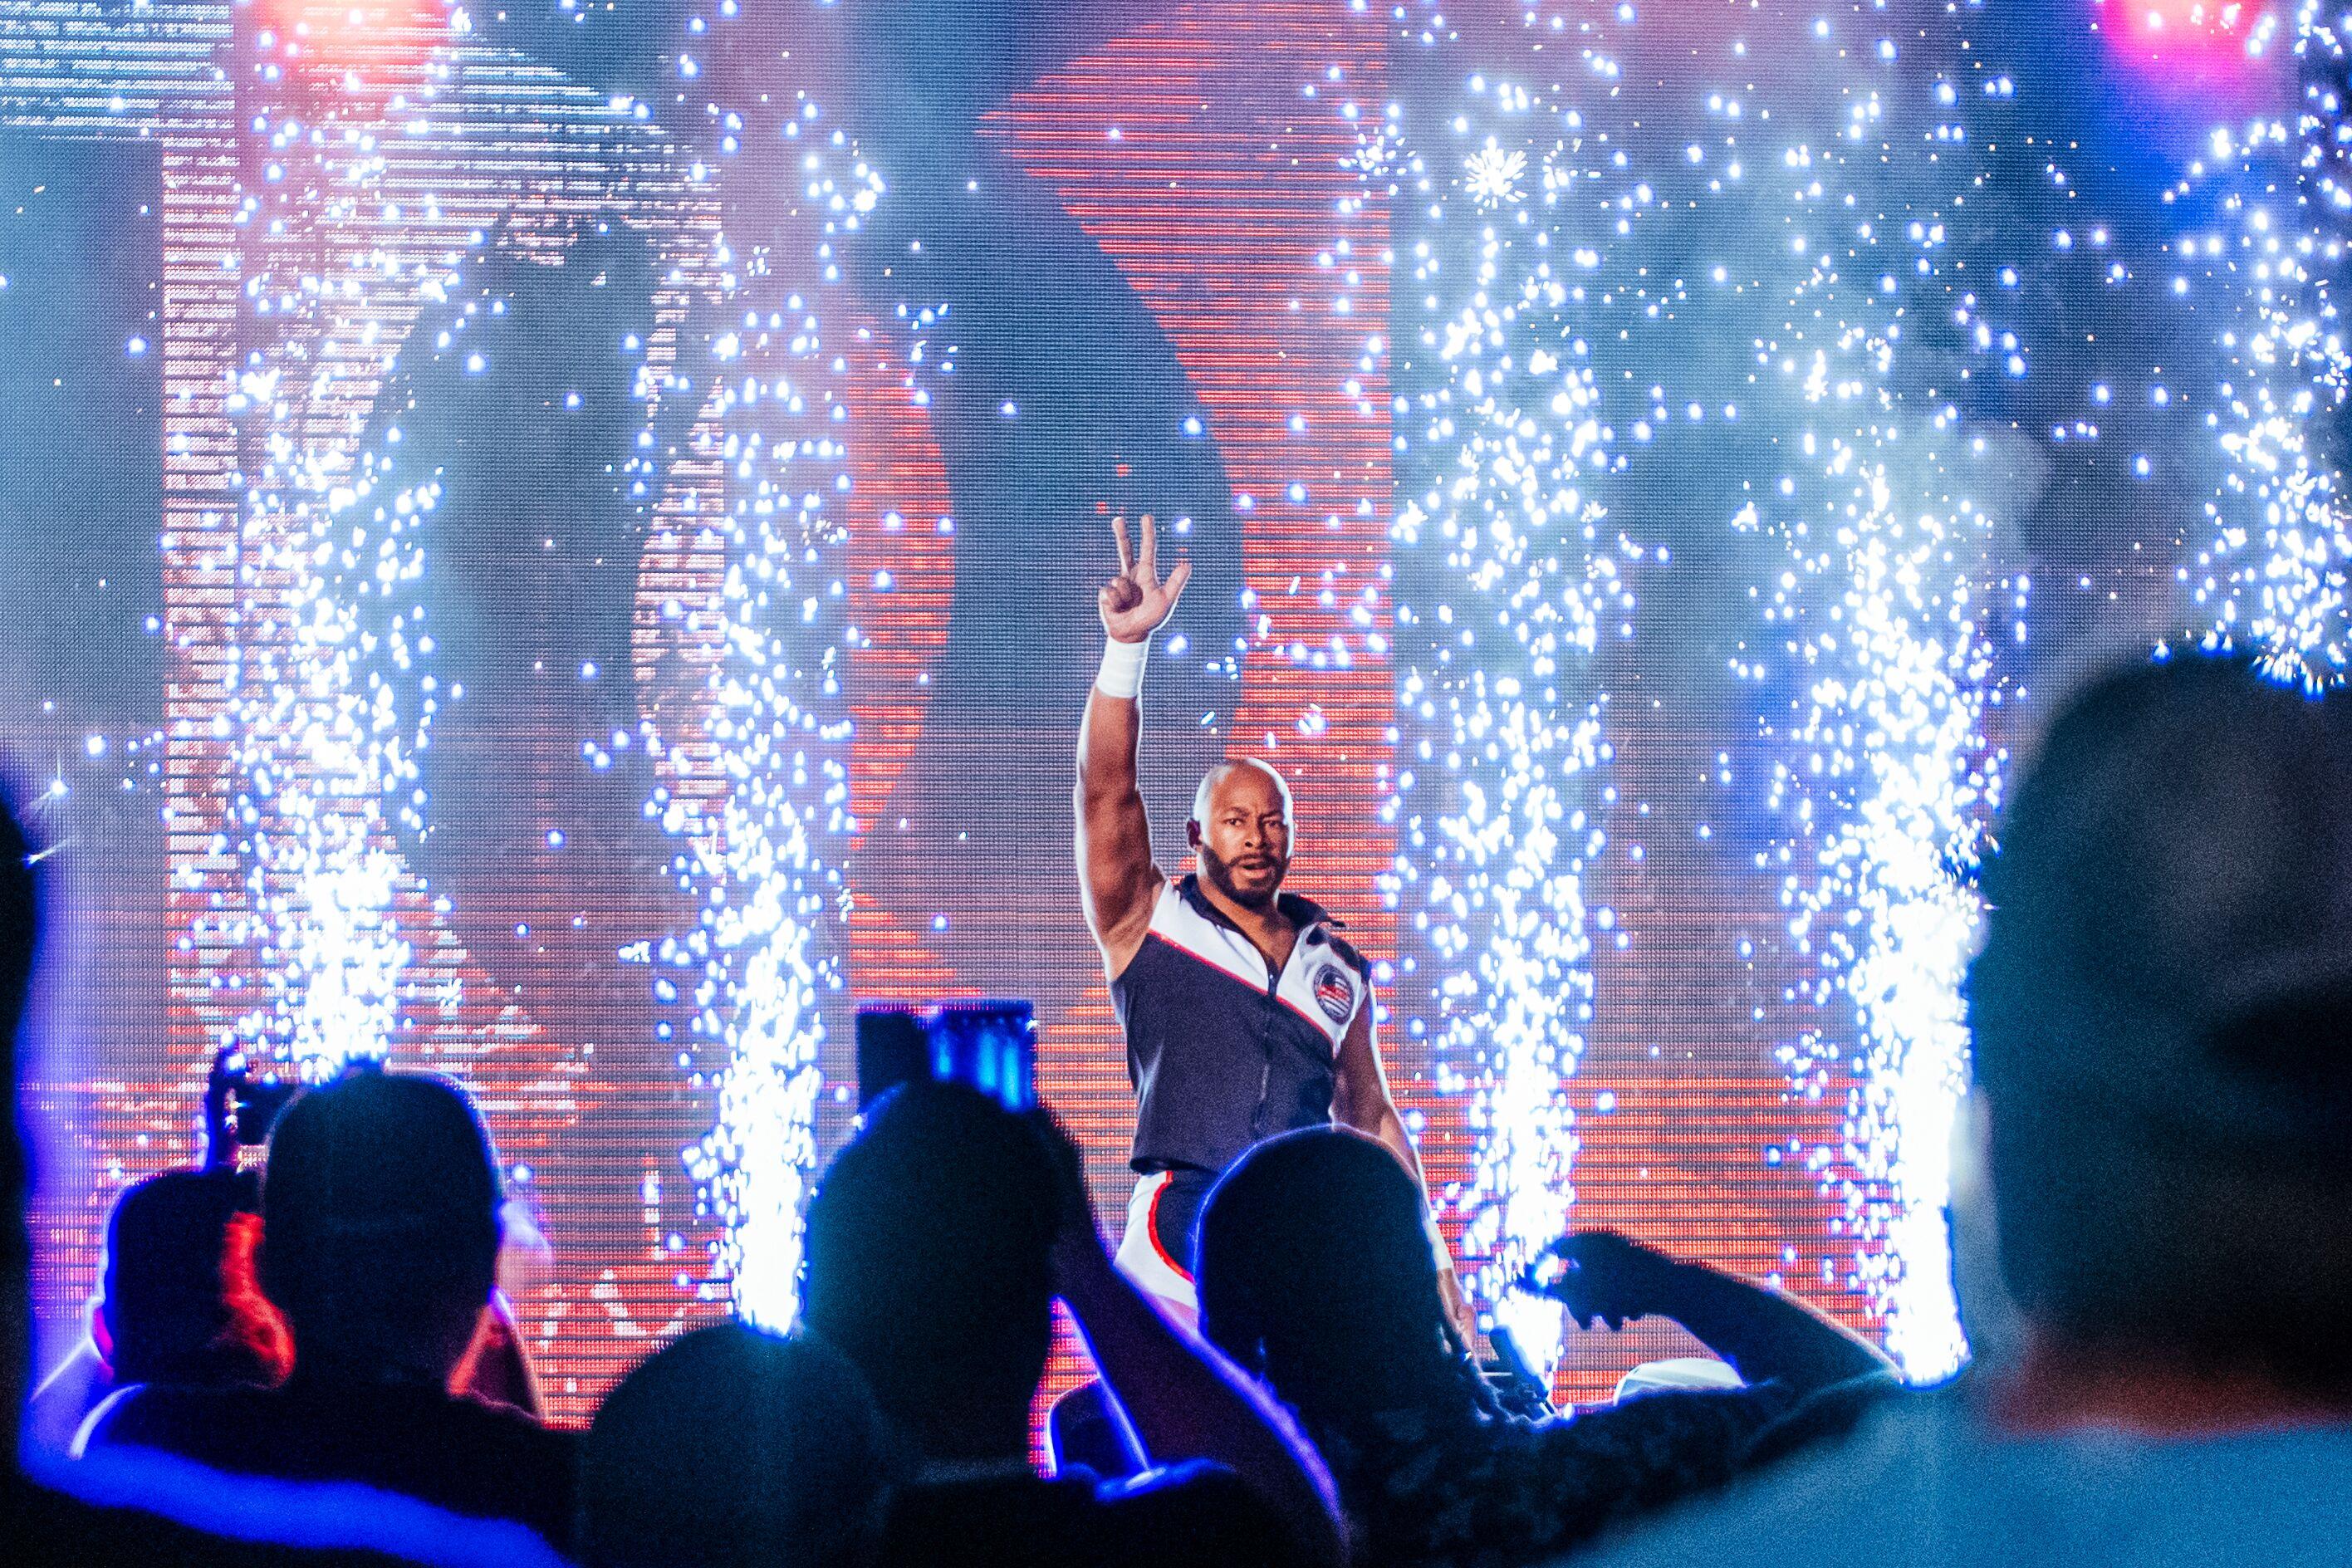 ROH TV episode 405 recap and review: Go home show